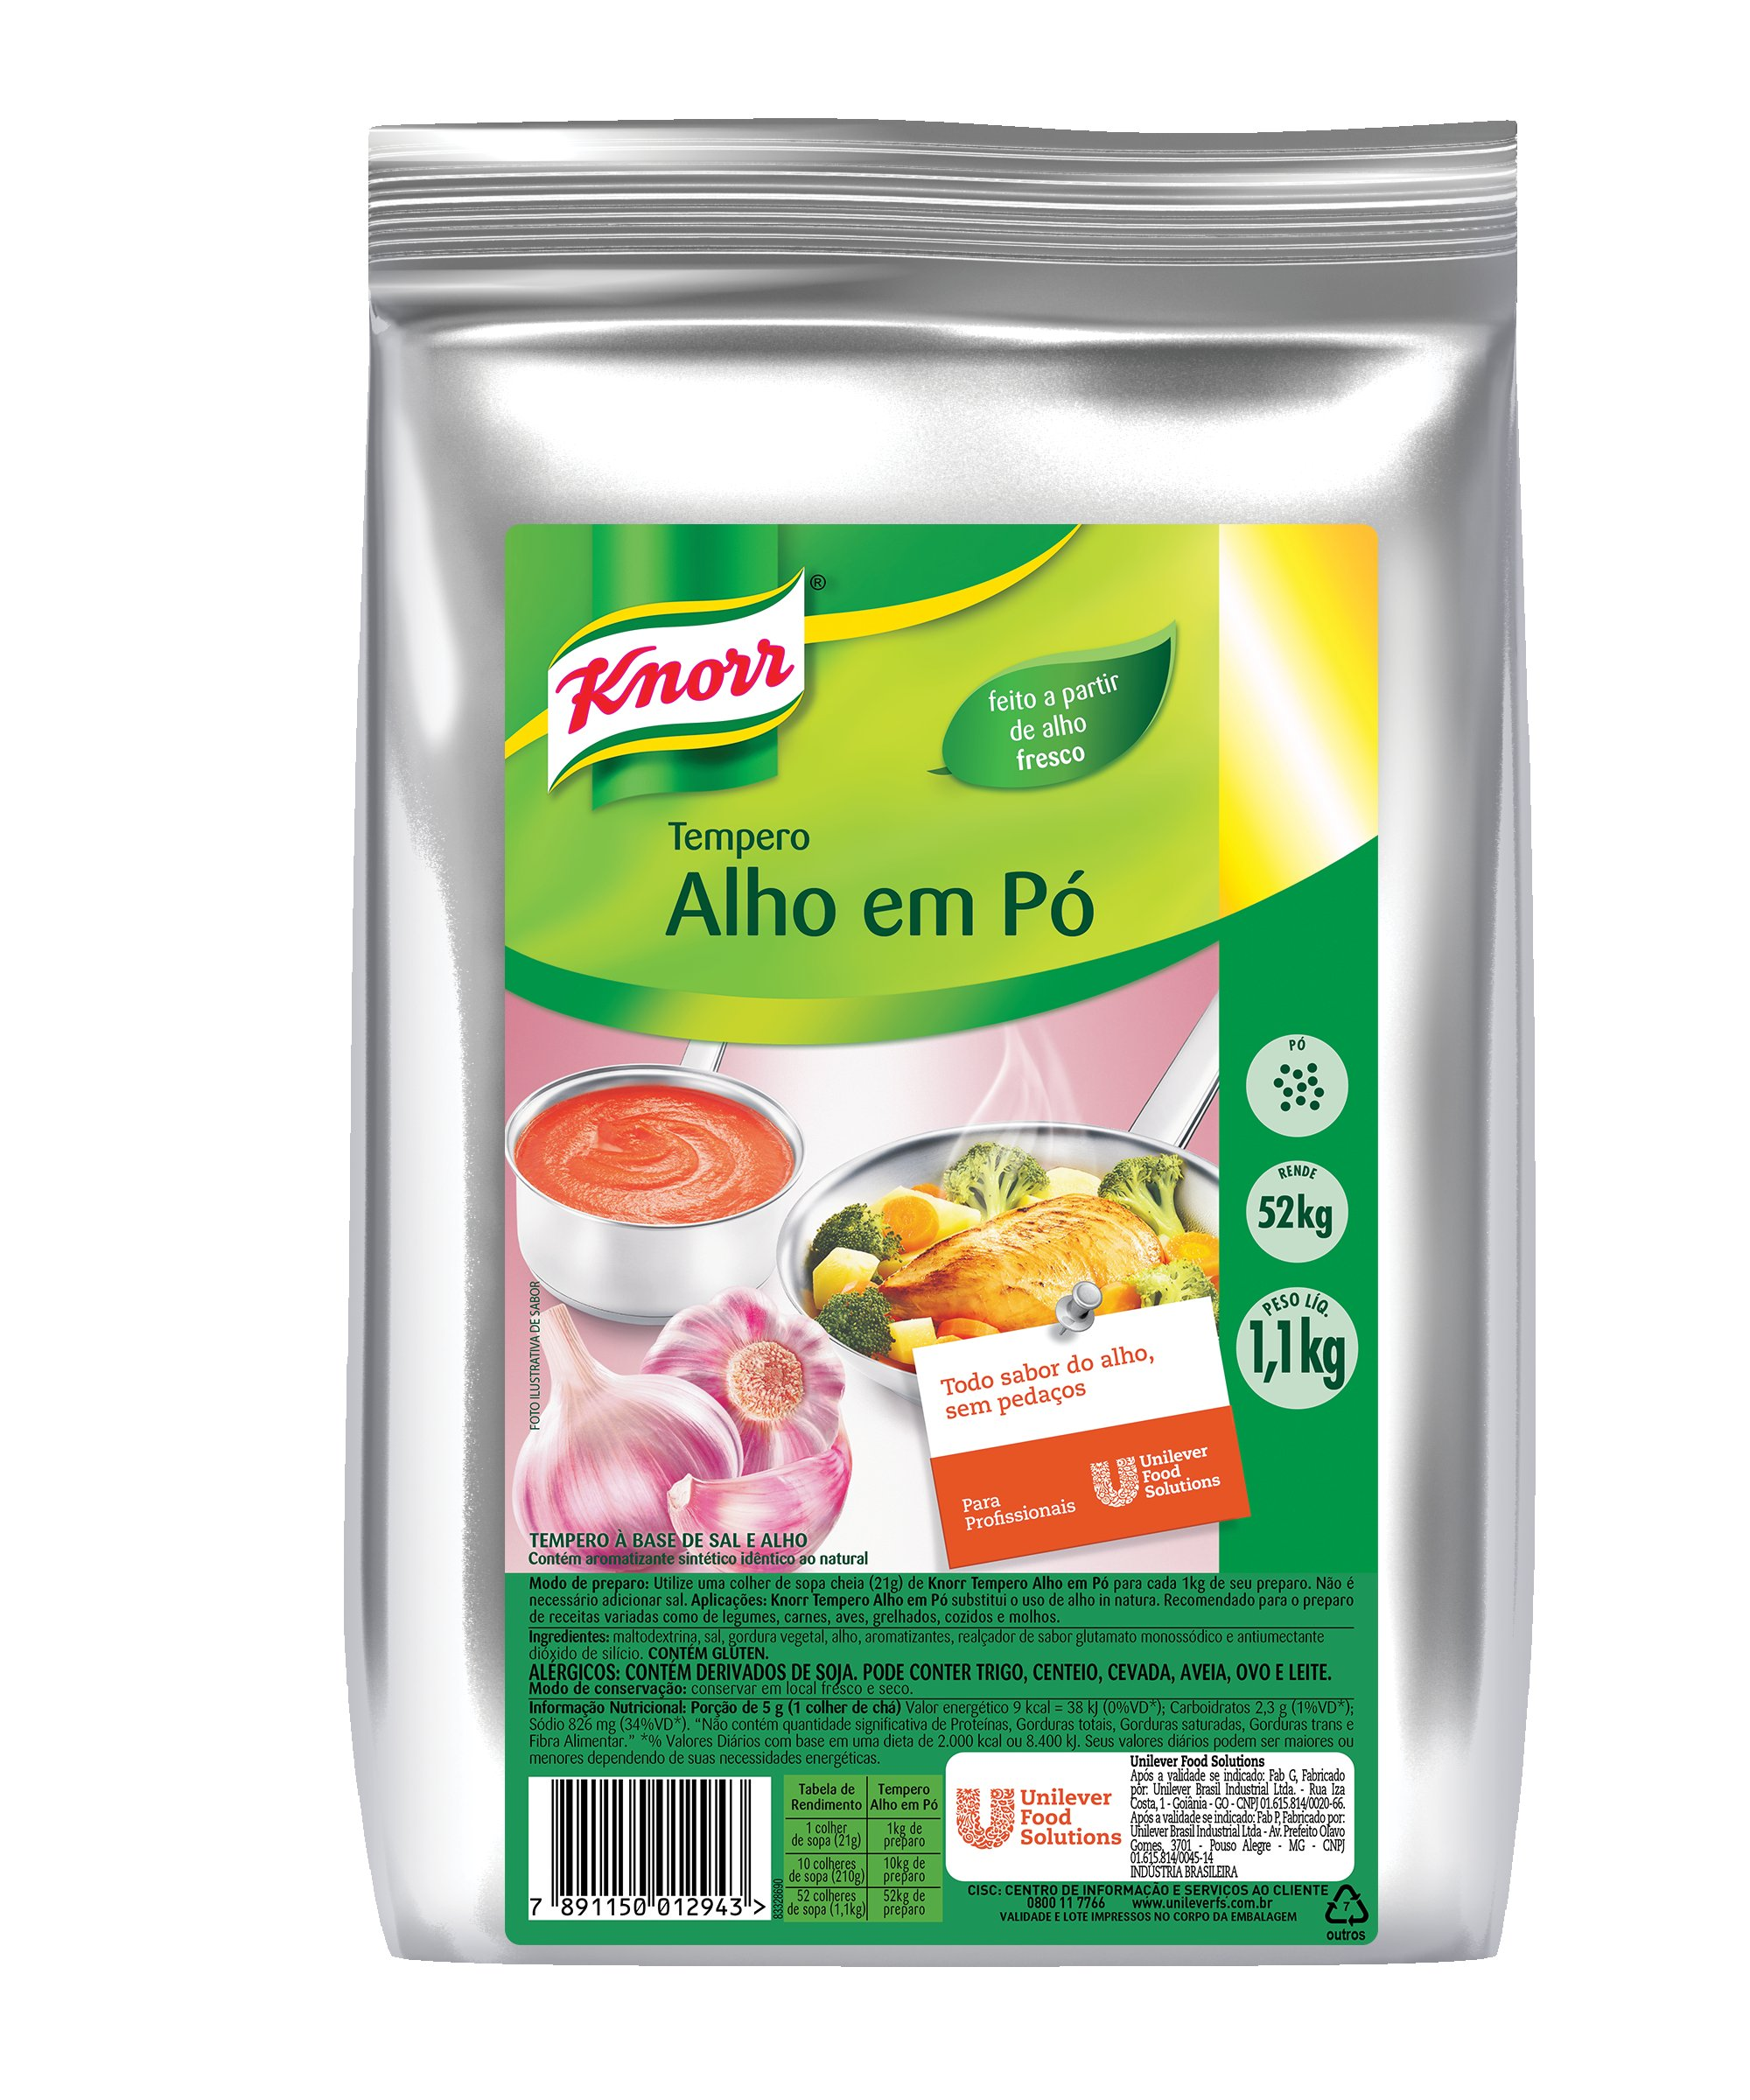 Tempero Alho em Pó Knorr 1,1 kg